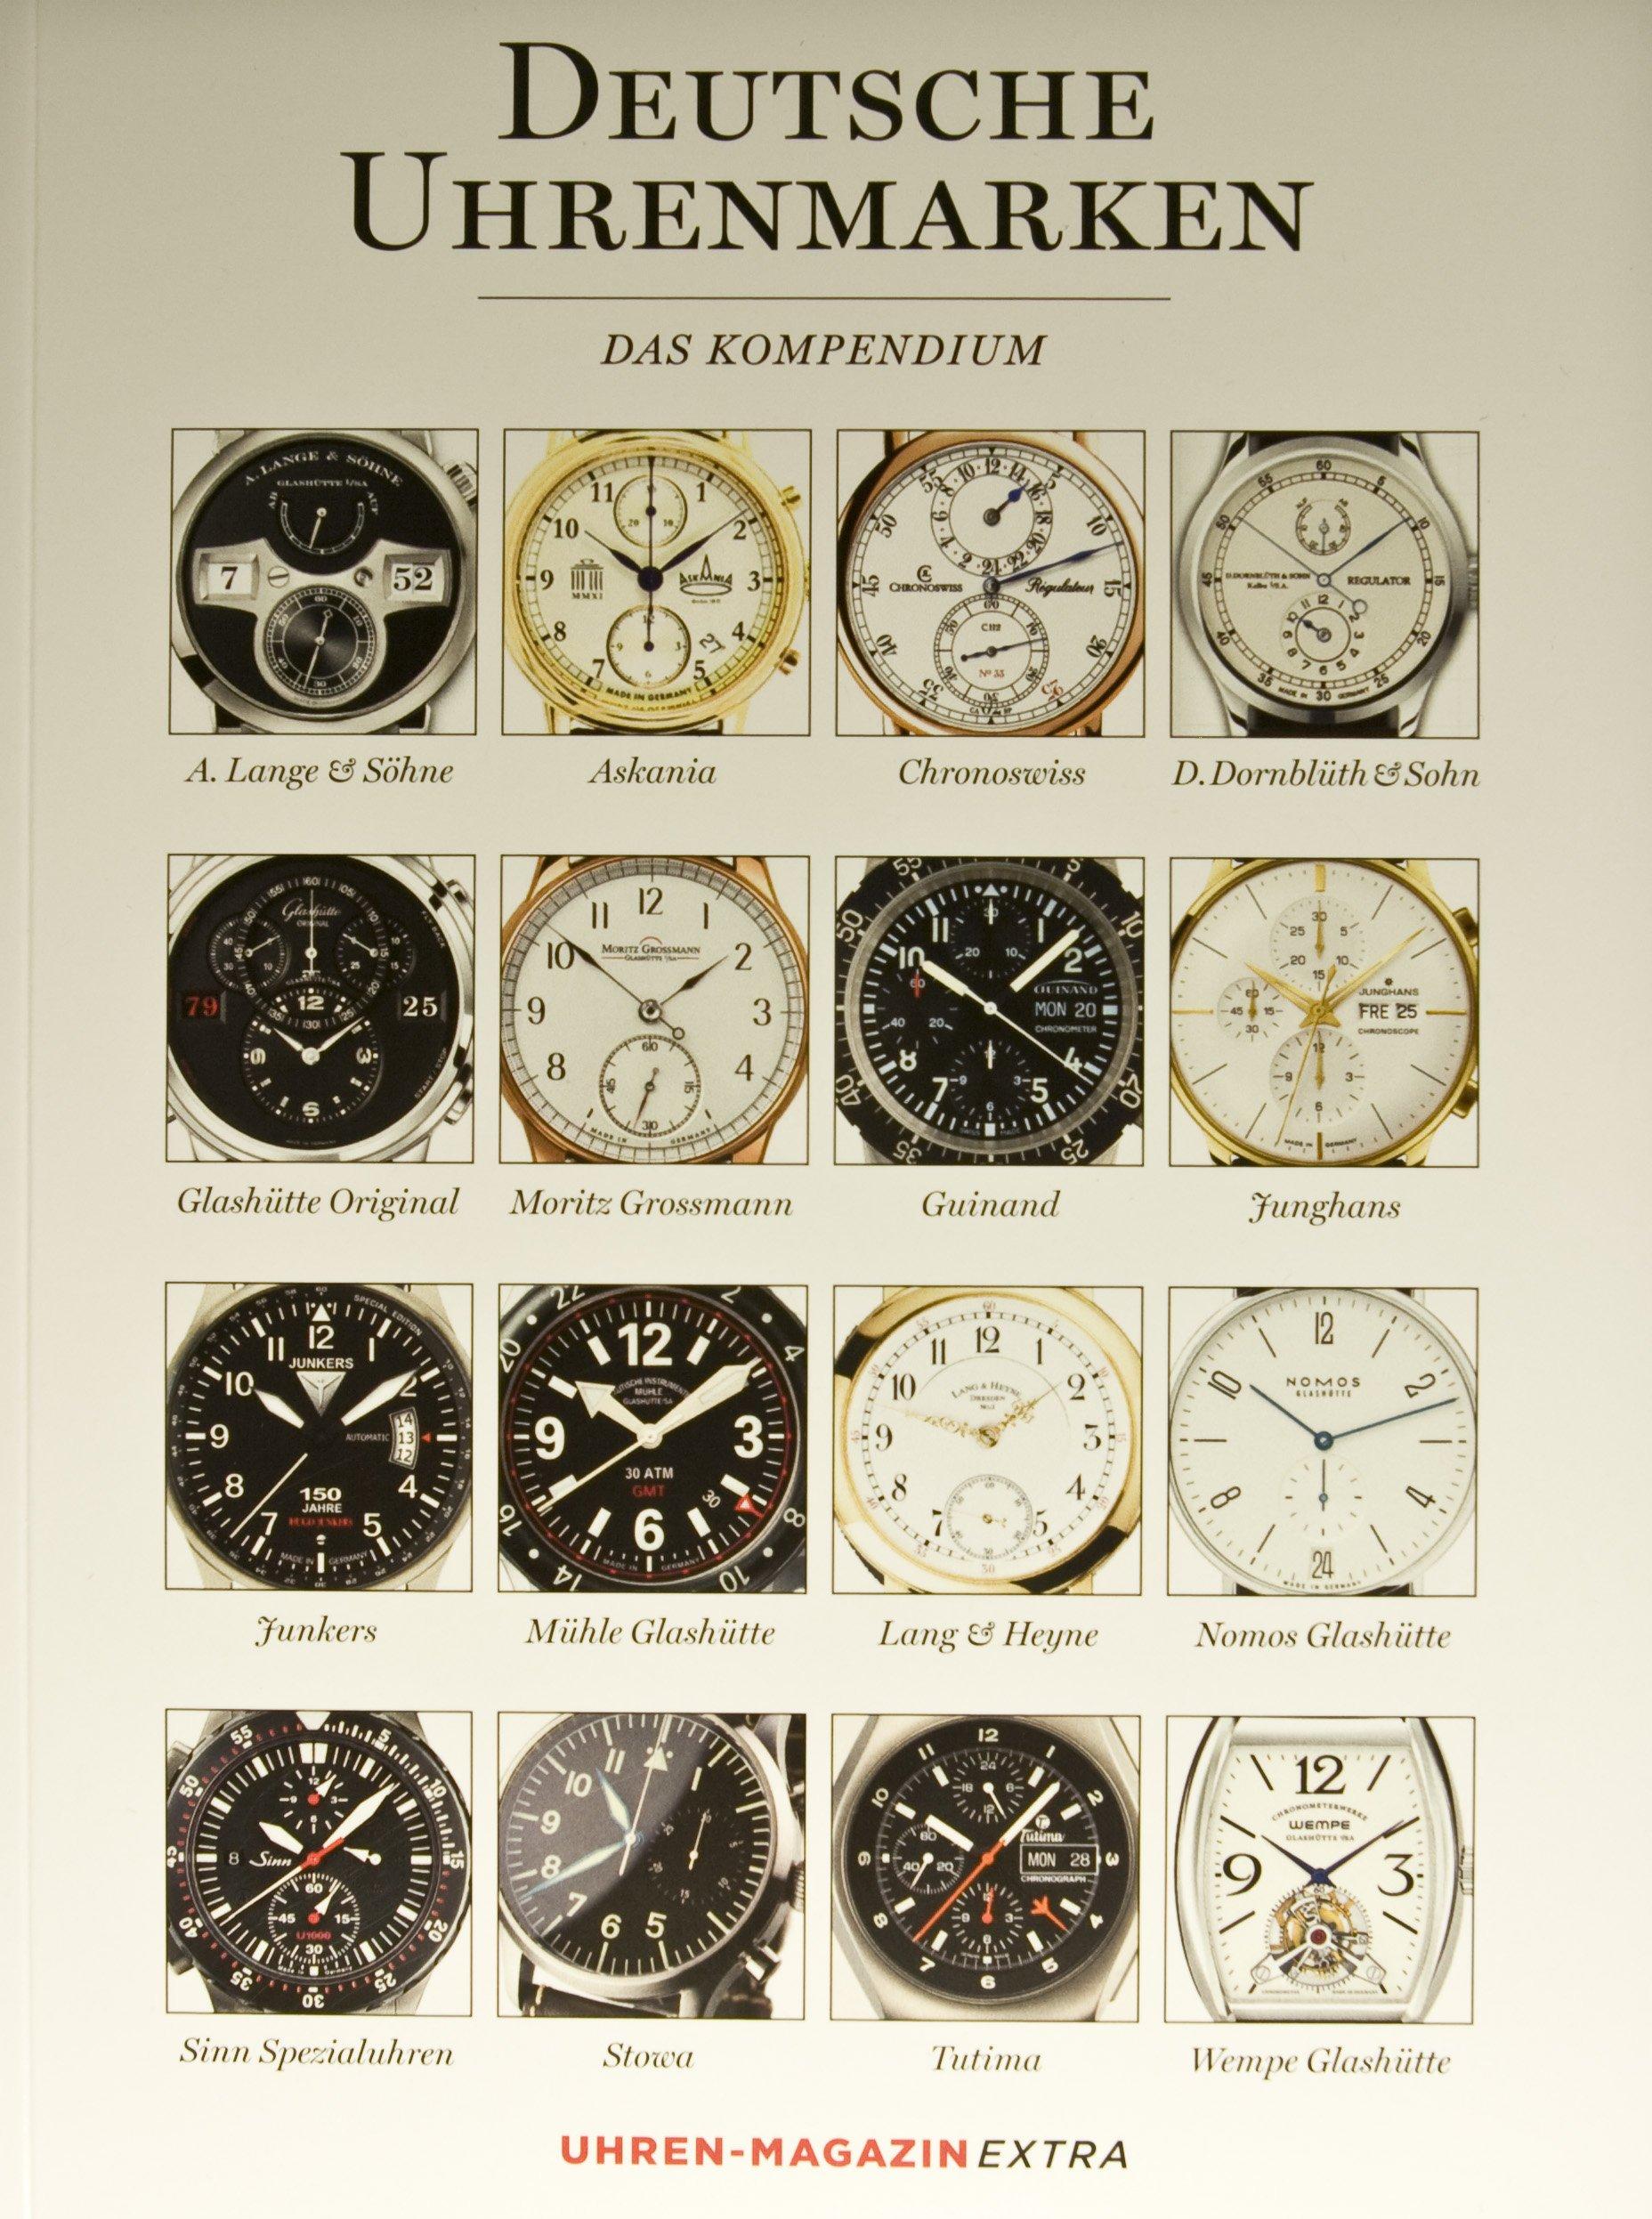 Deutsche Uhrenmarken: Das Kompendium der Monografien Uhren Magazin Extra